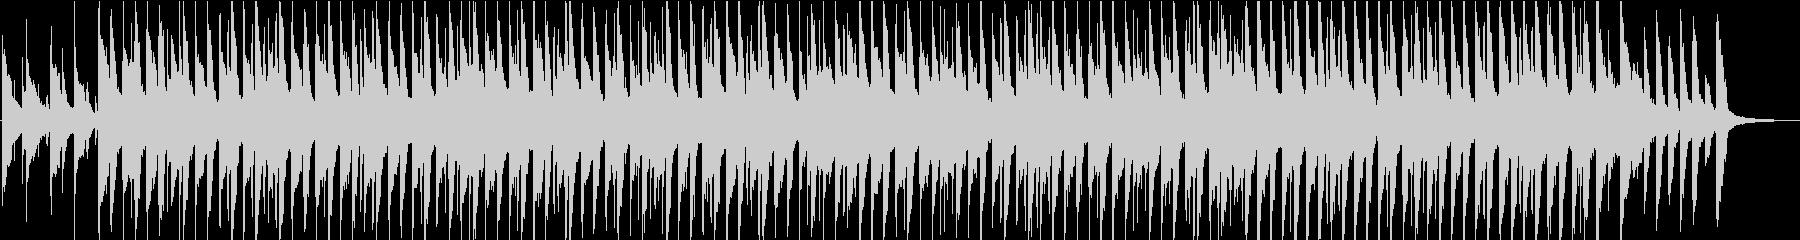 シンプル/明るい/楽しい/ポップ/ピアノの未再生の波形